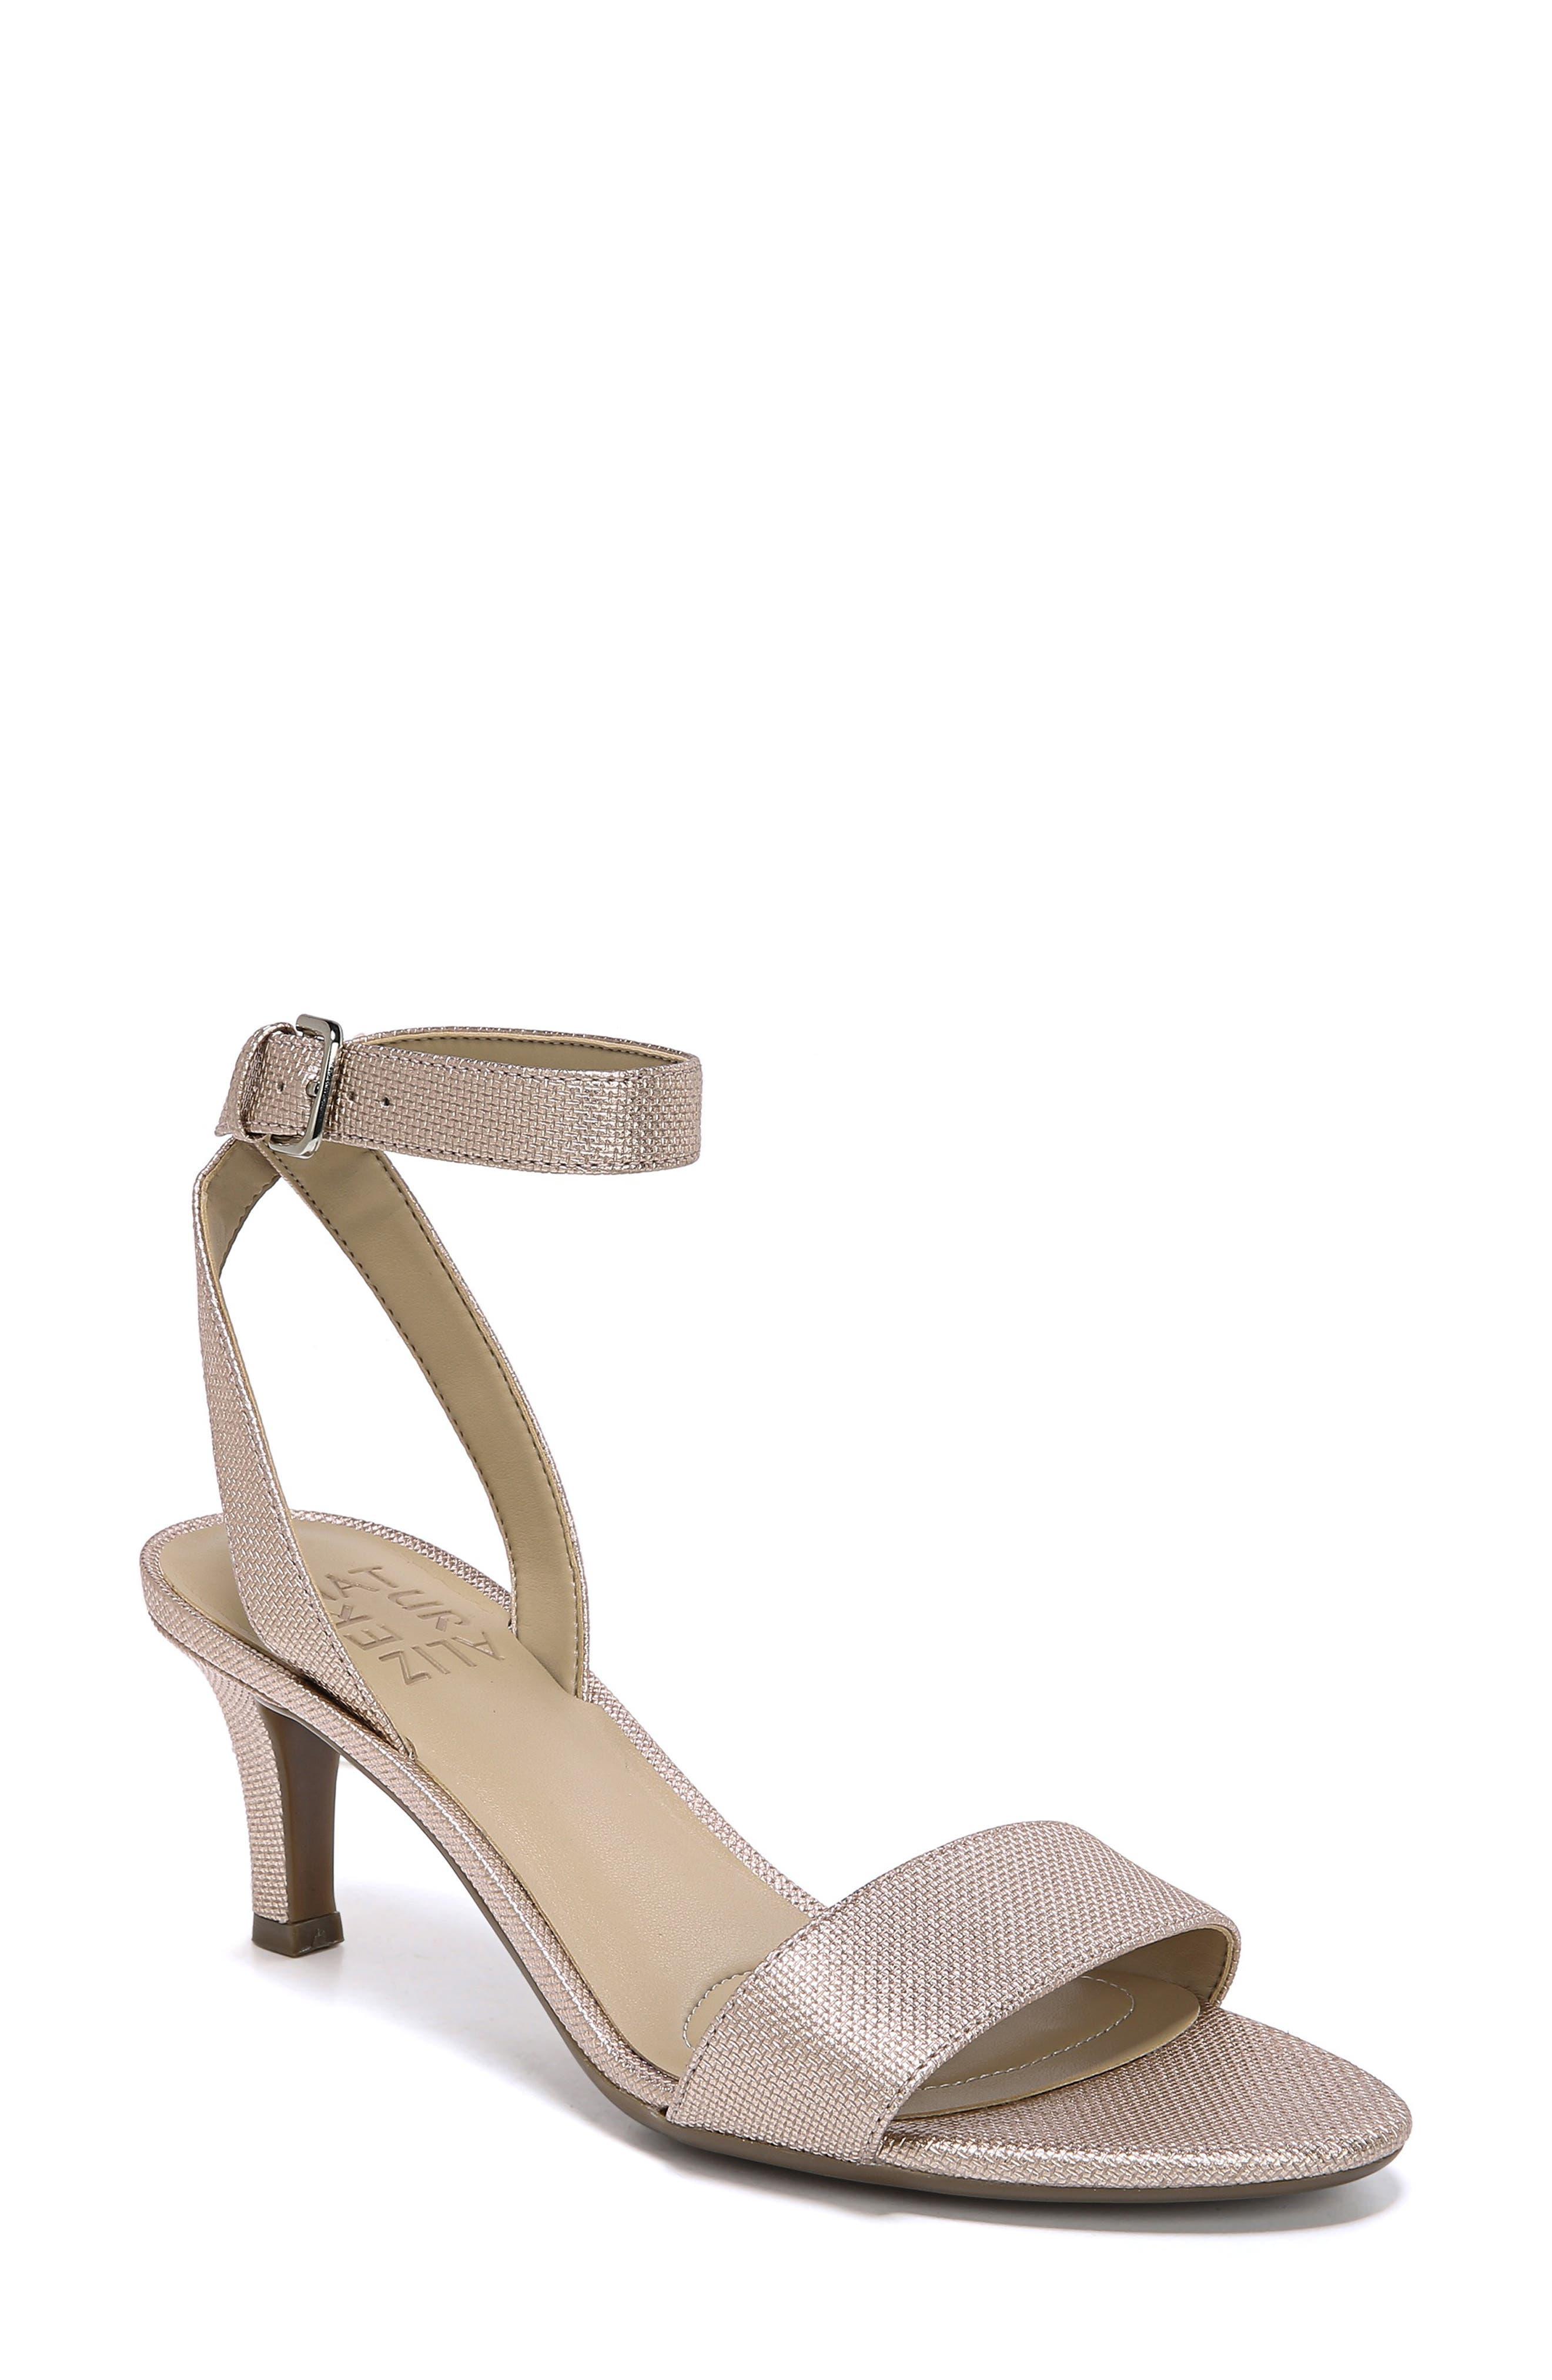 NATURALIZER Tinda Sandal, Main, color, DUSTY ROSE